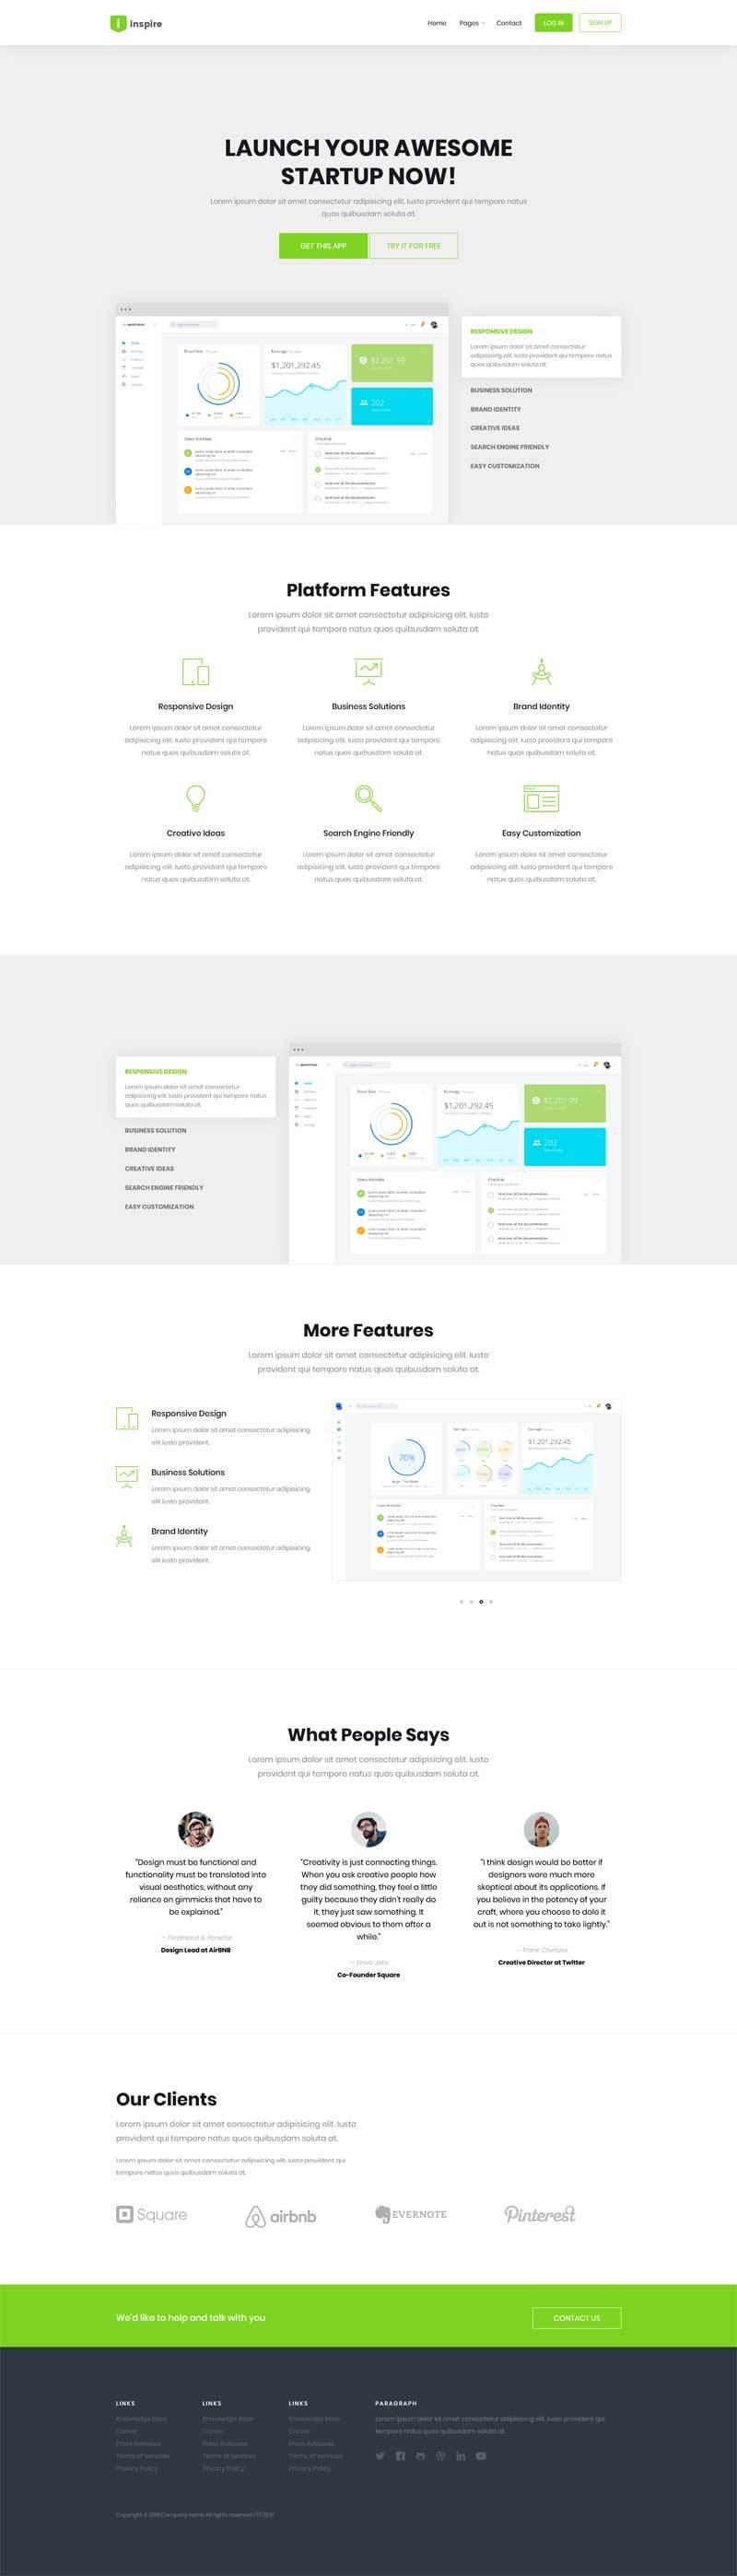 绿色的软件开发数据分析网站模板